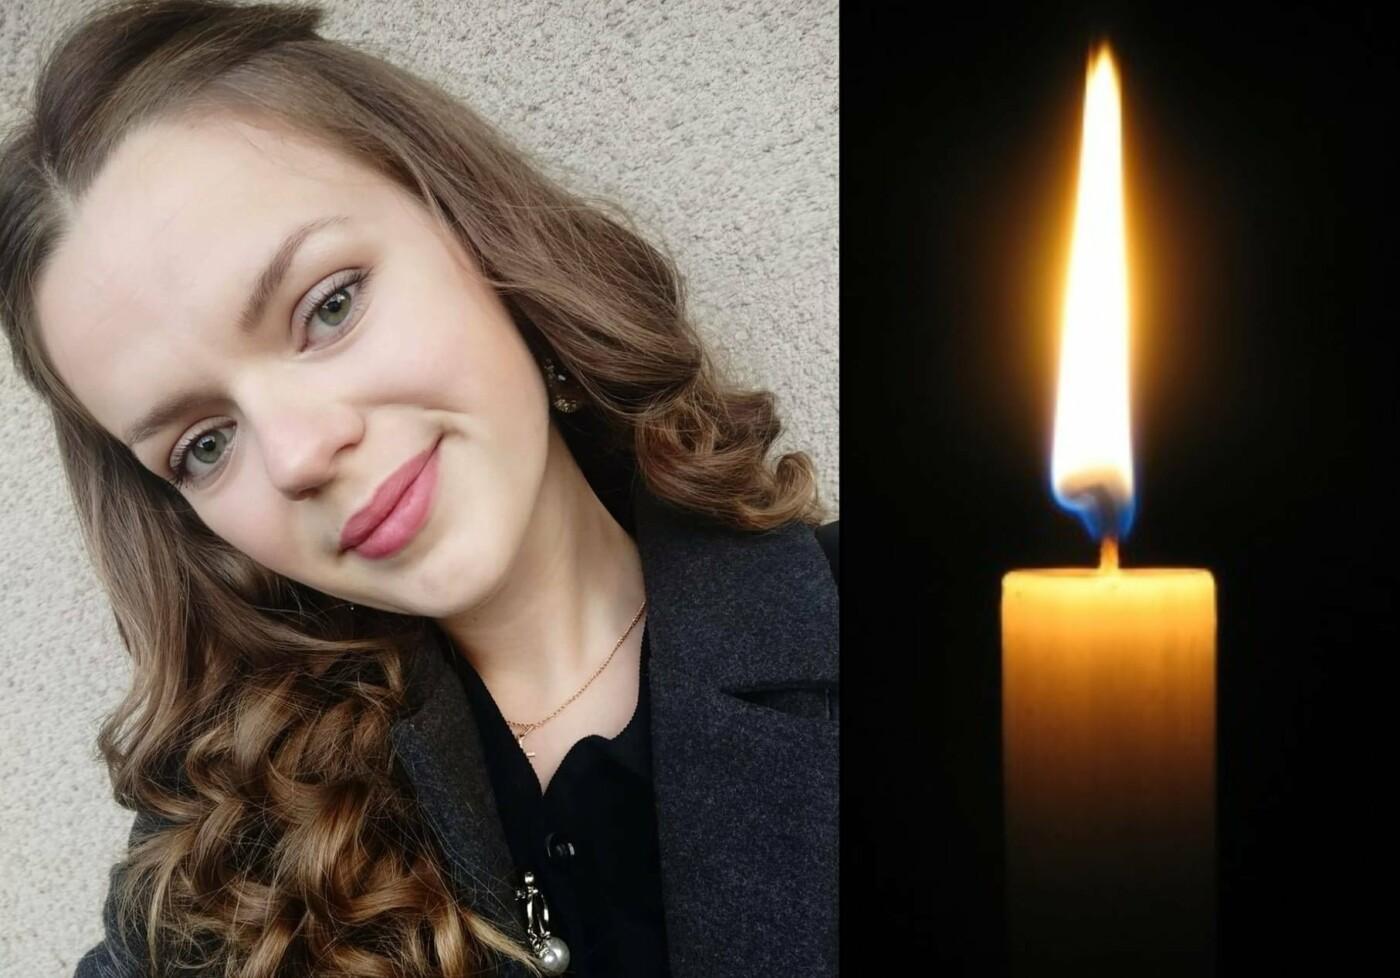 Людмила Гамаль